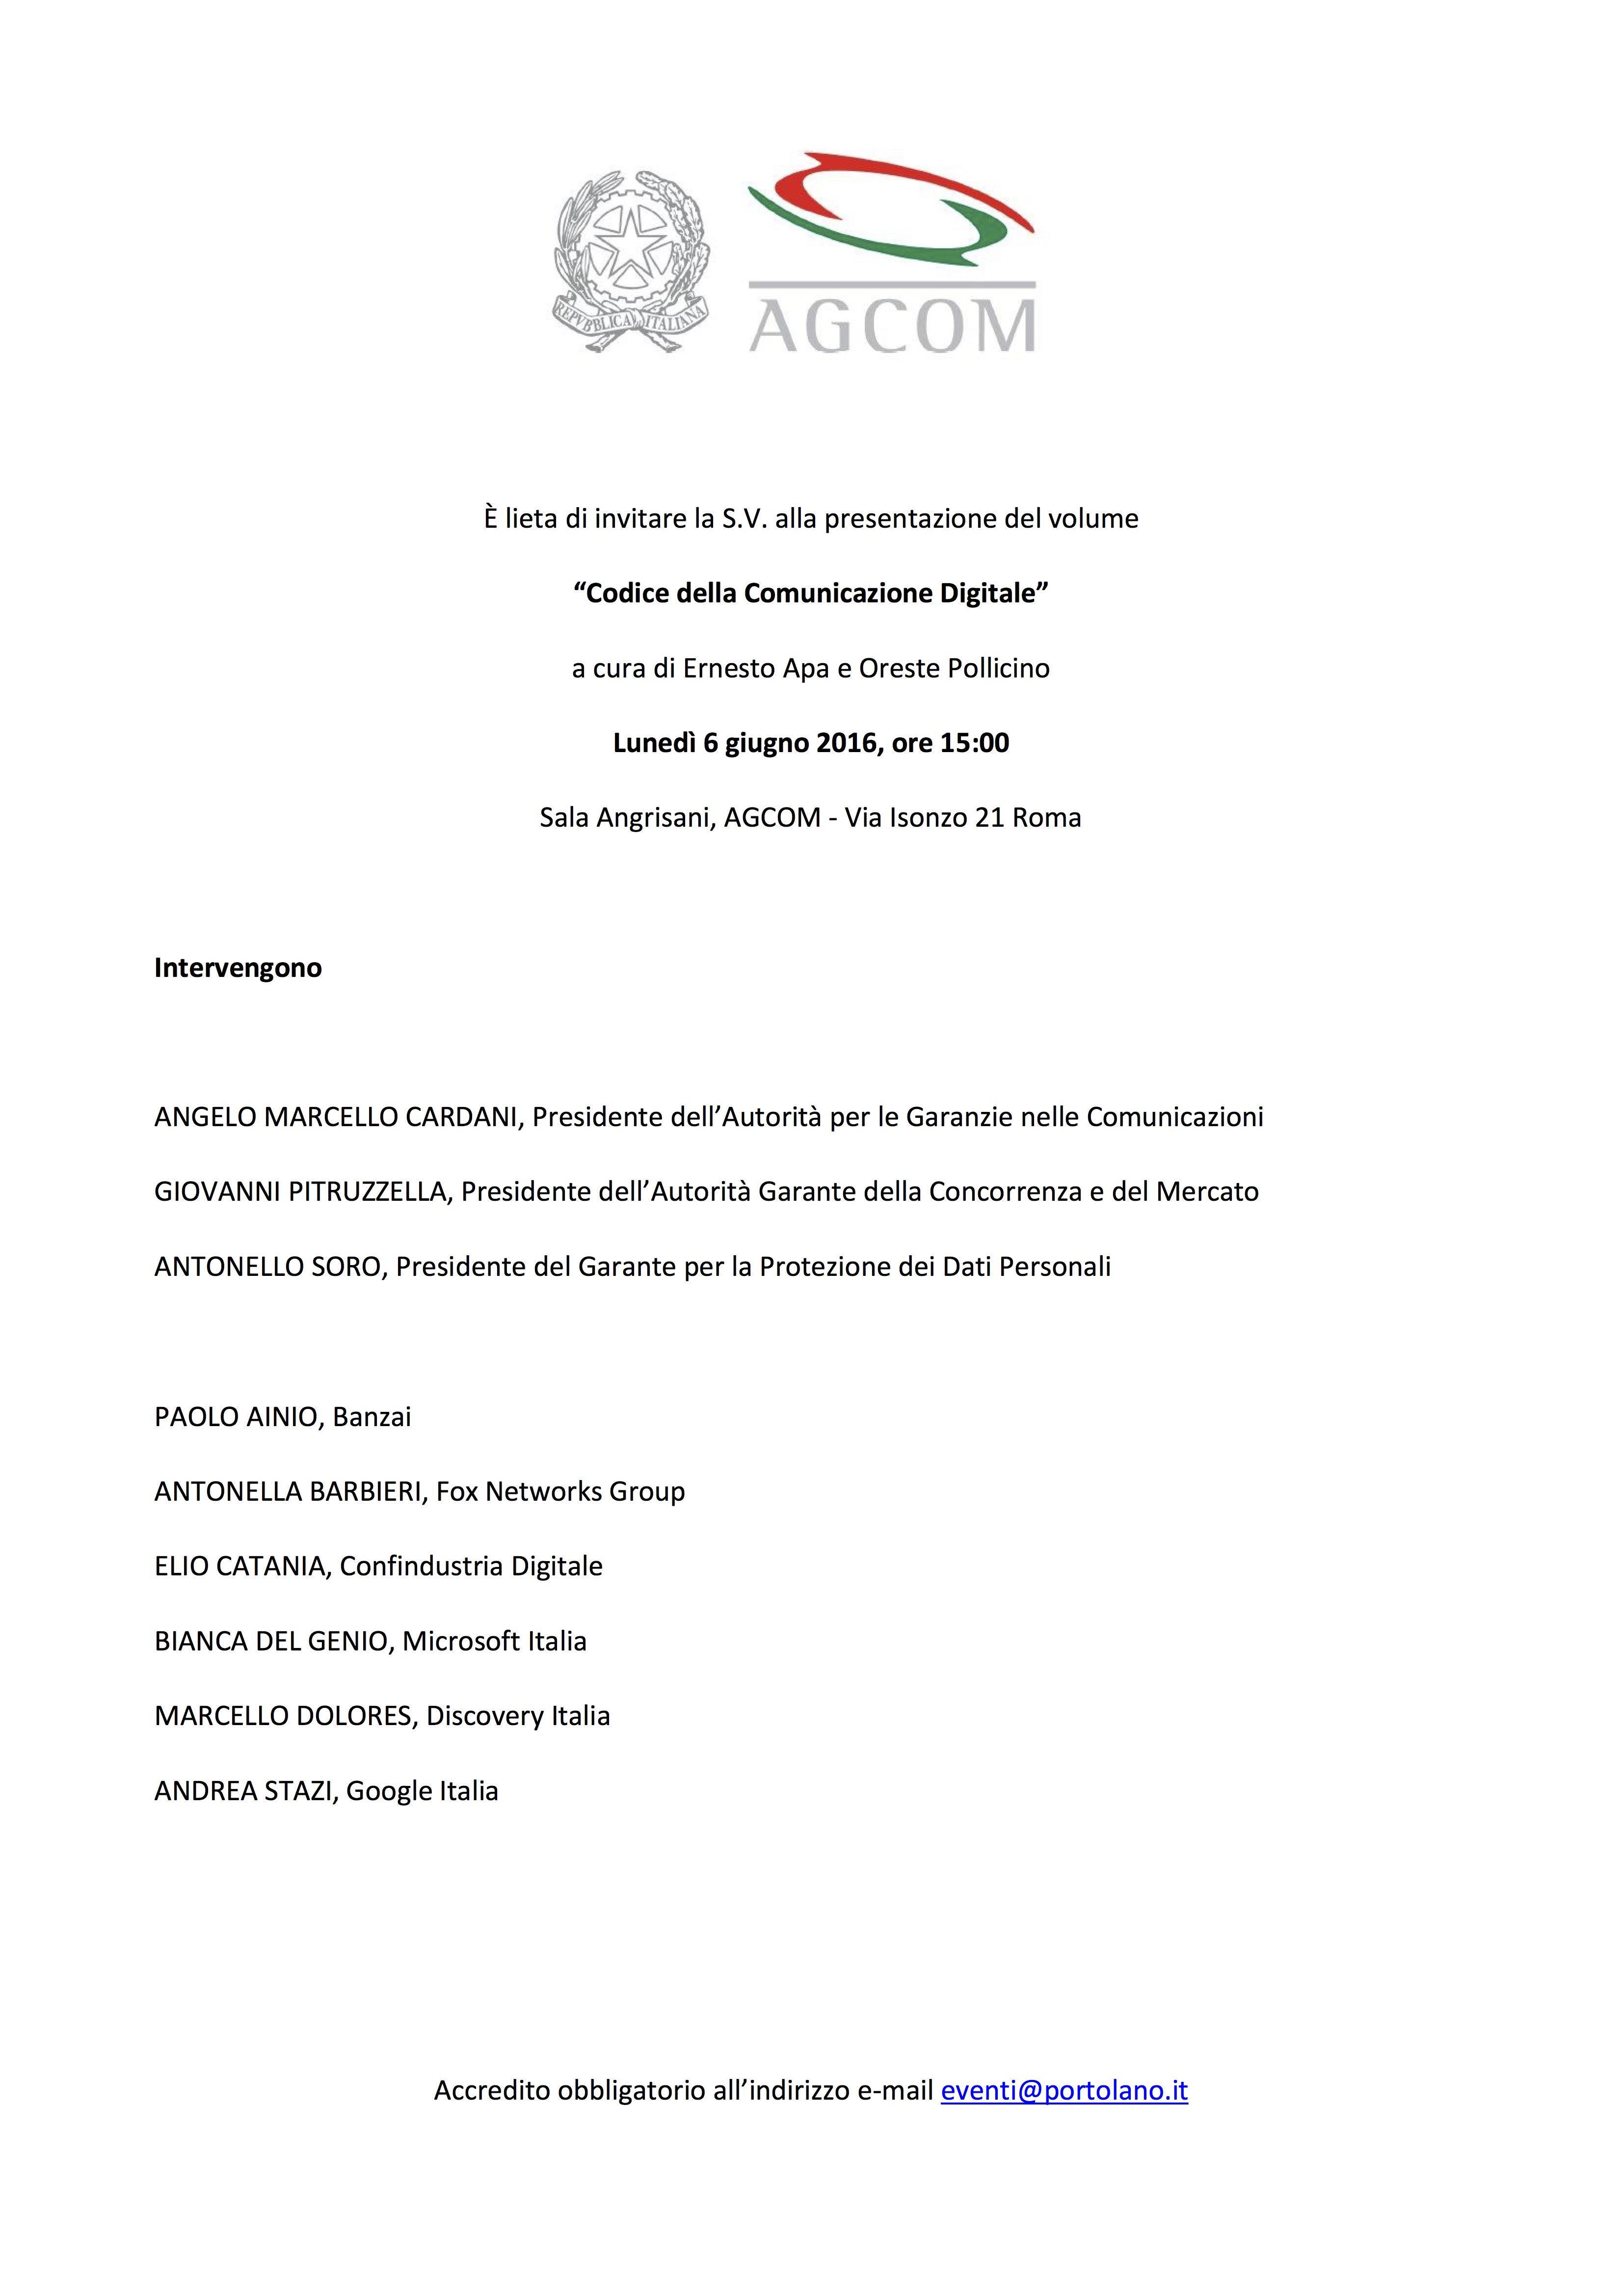 Presentazione volume - Codice della Comunicazione Digitale - Roma 6 giugno 2016